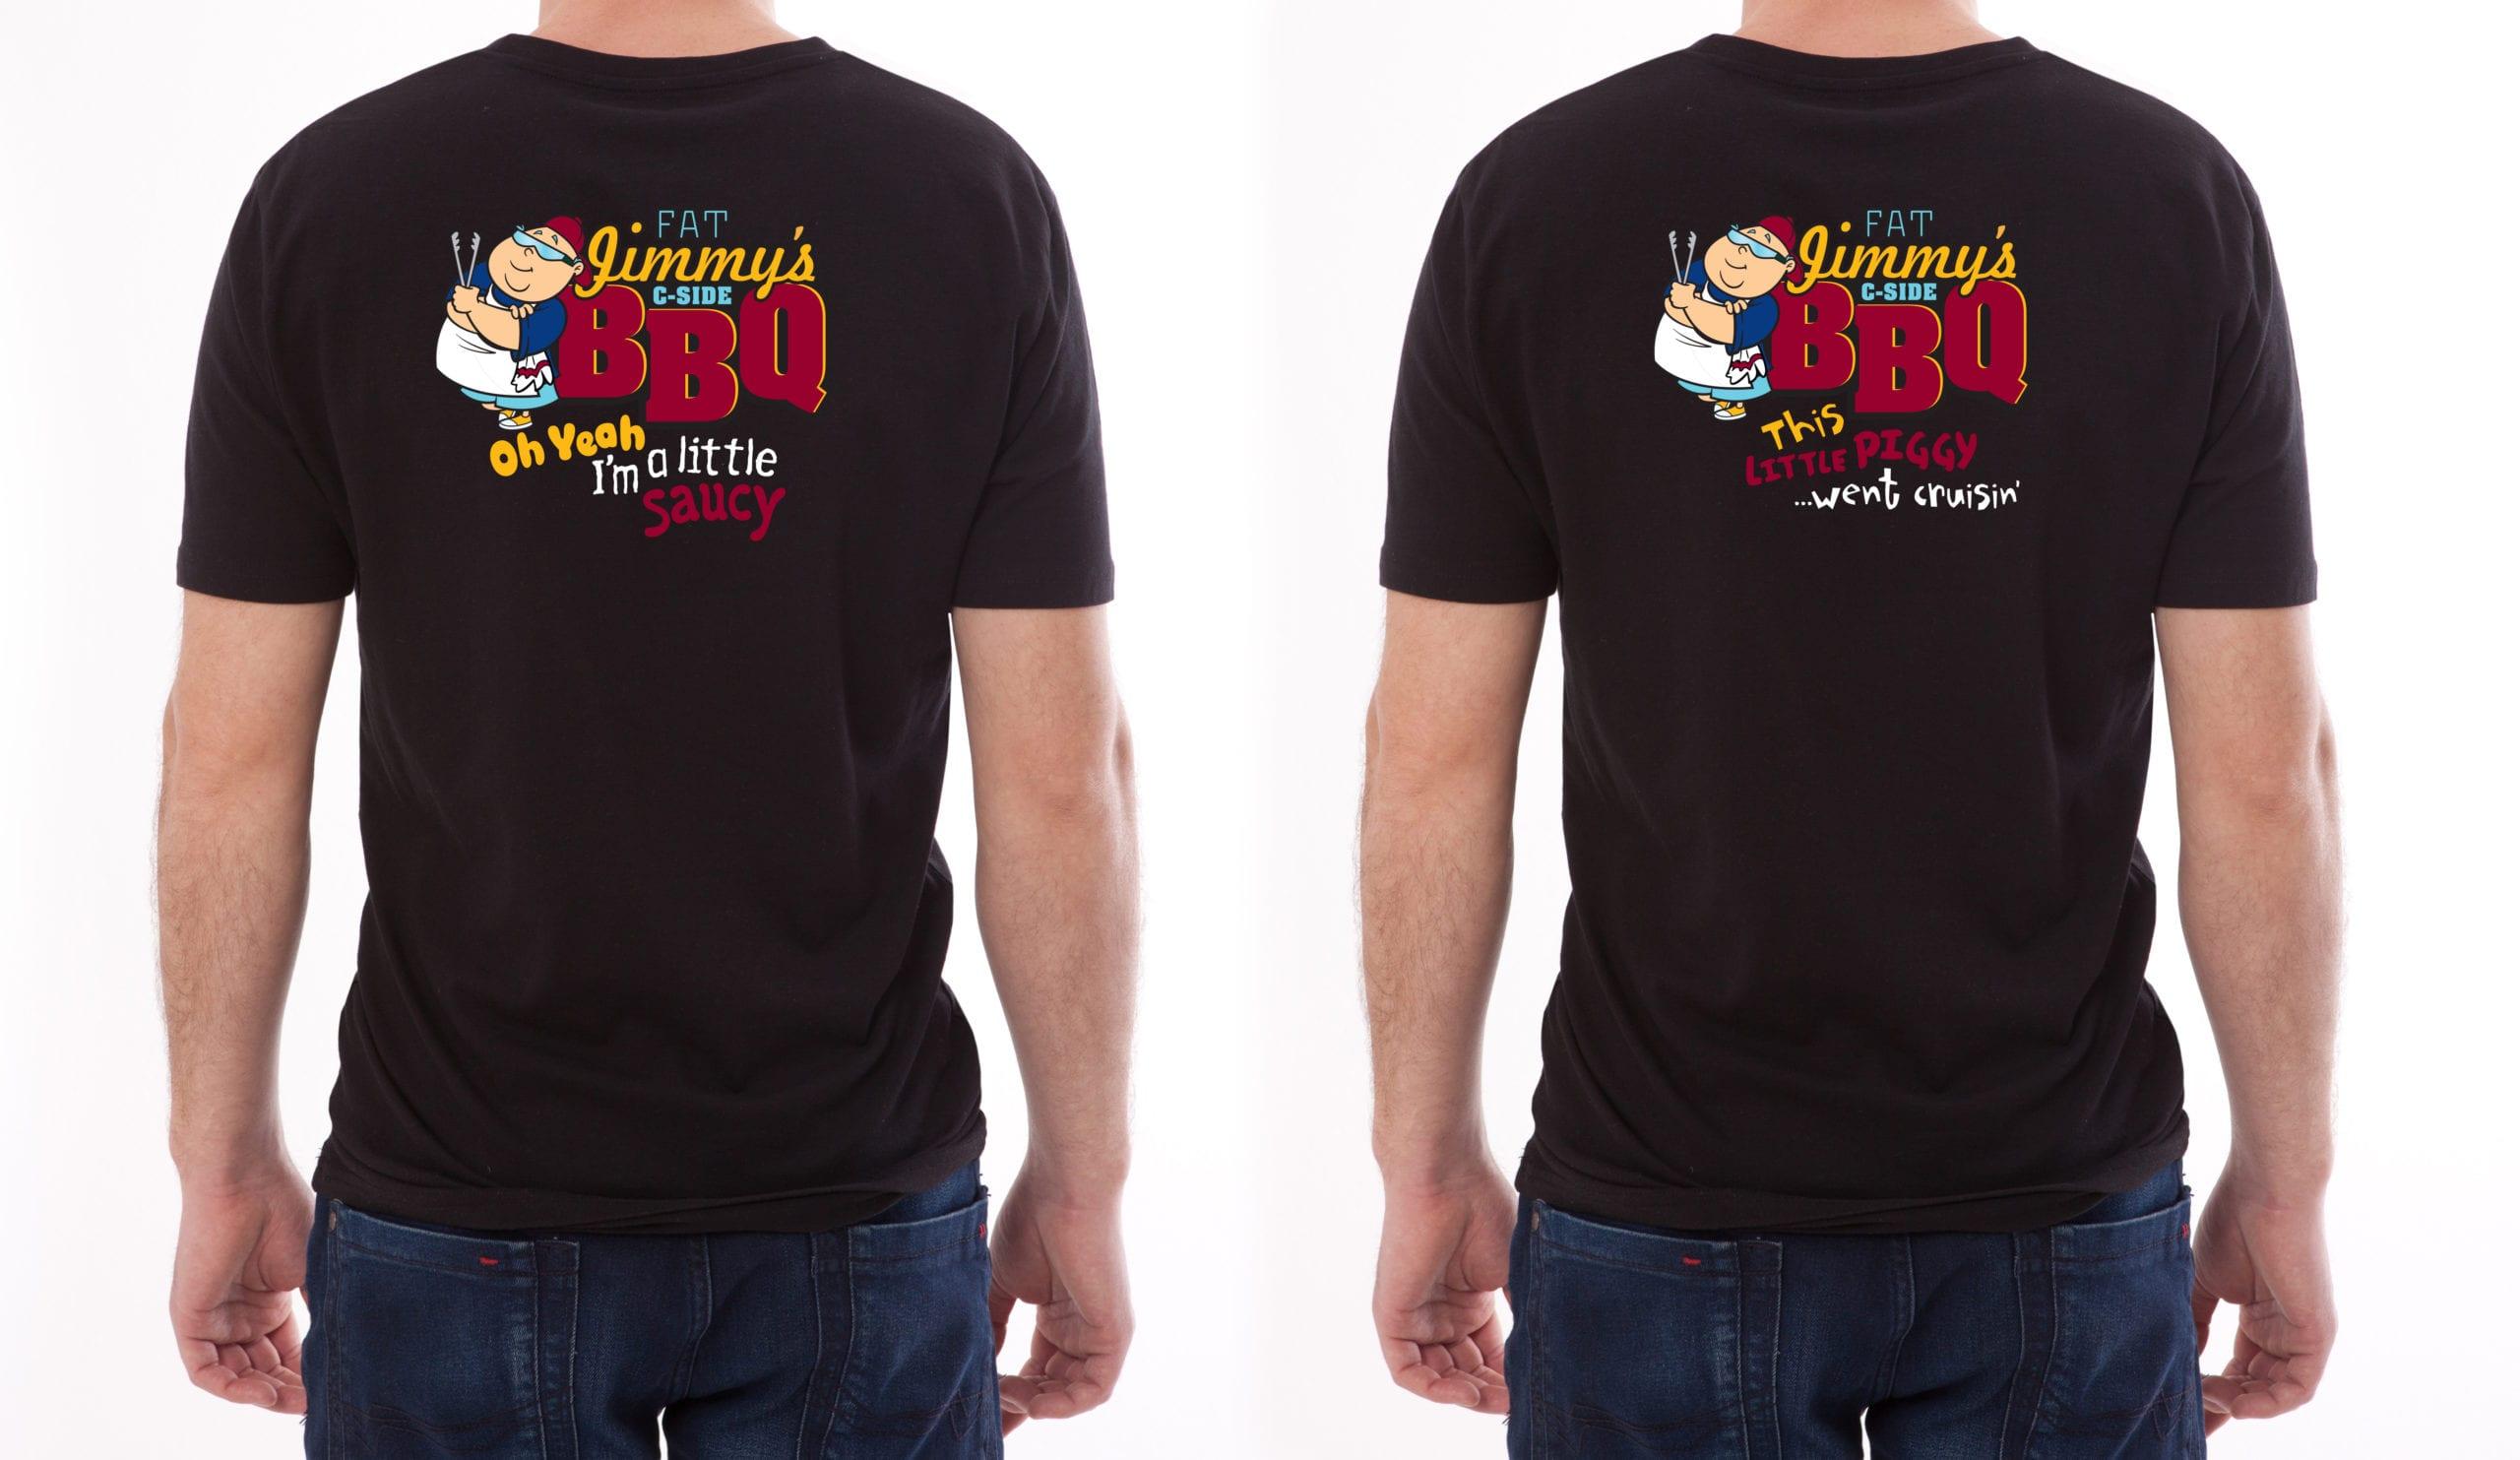 Fat Jimmy's C-Side BBQ t-shirts